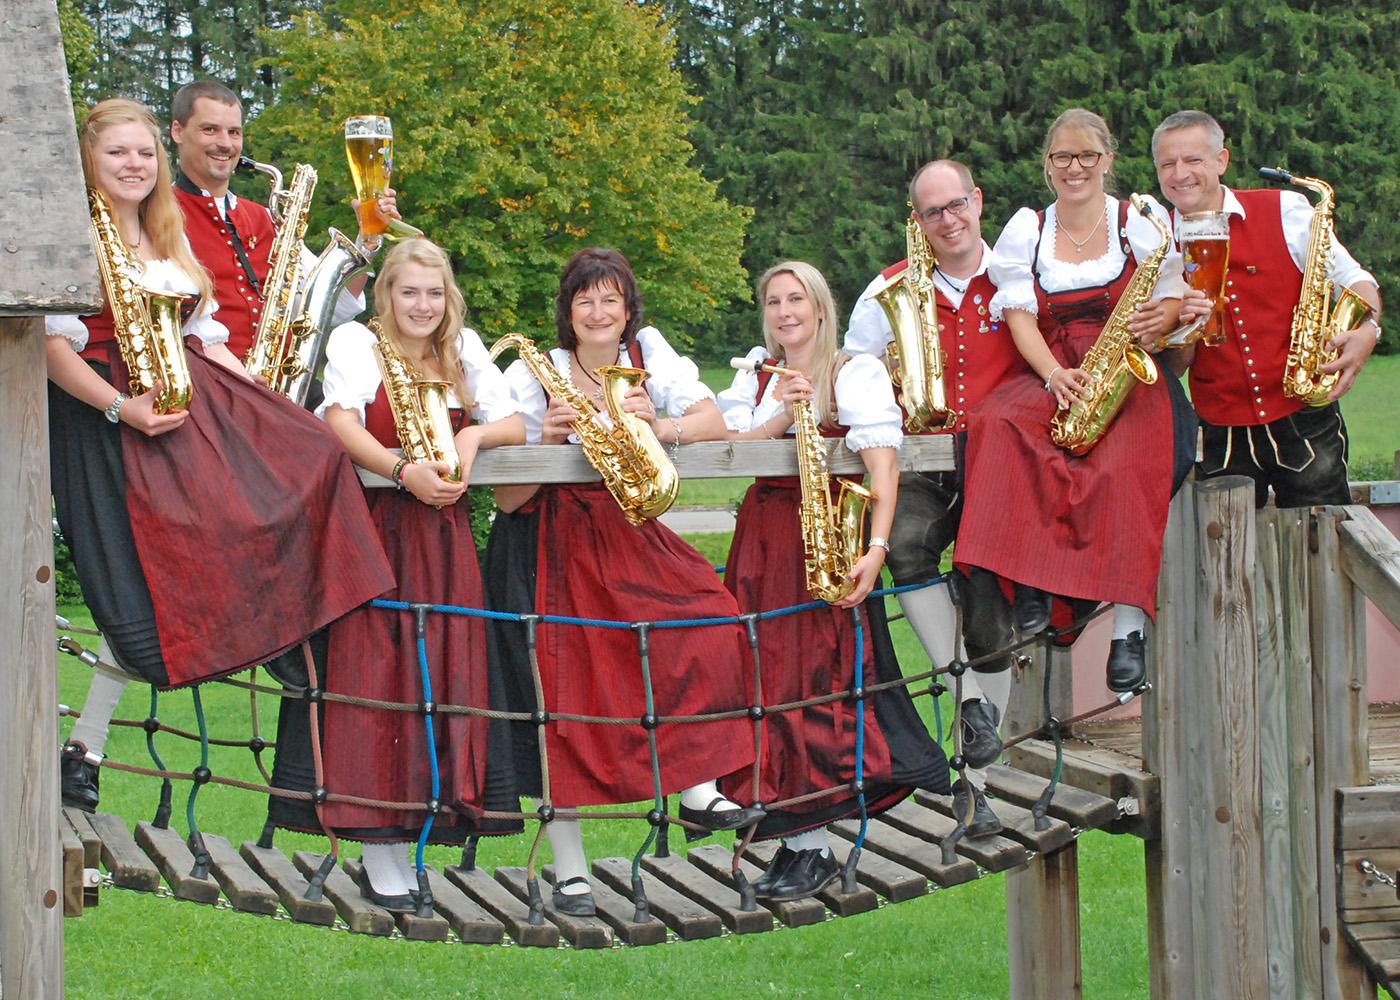 Musiker Saxophon 1